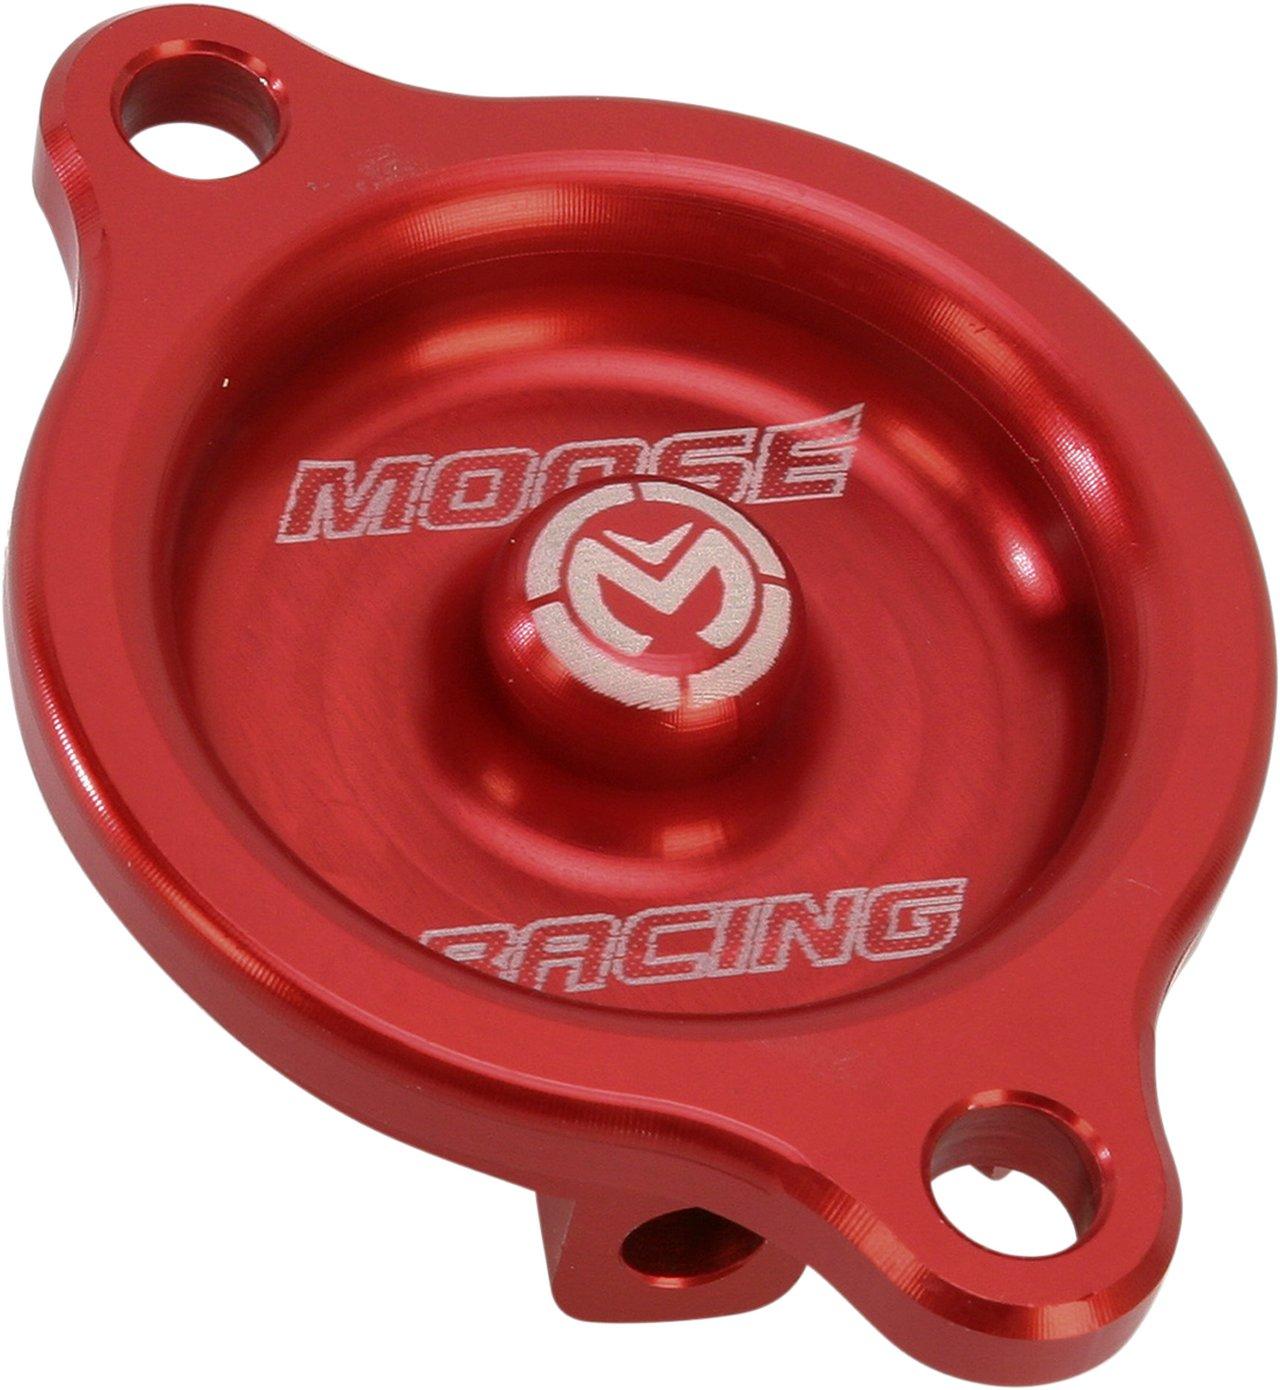 【MOOSE RACING】磁性機油濾芯蓋 ZIP-TY [0940-1000] - 「Webike-摩托百貨」